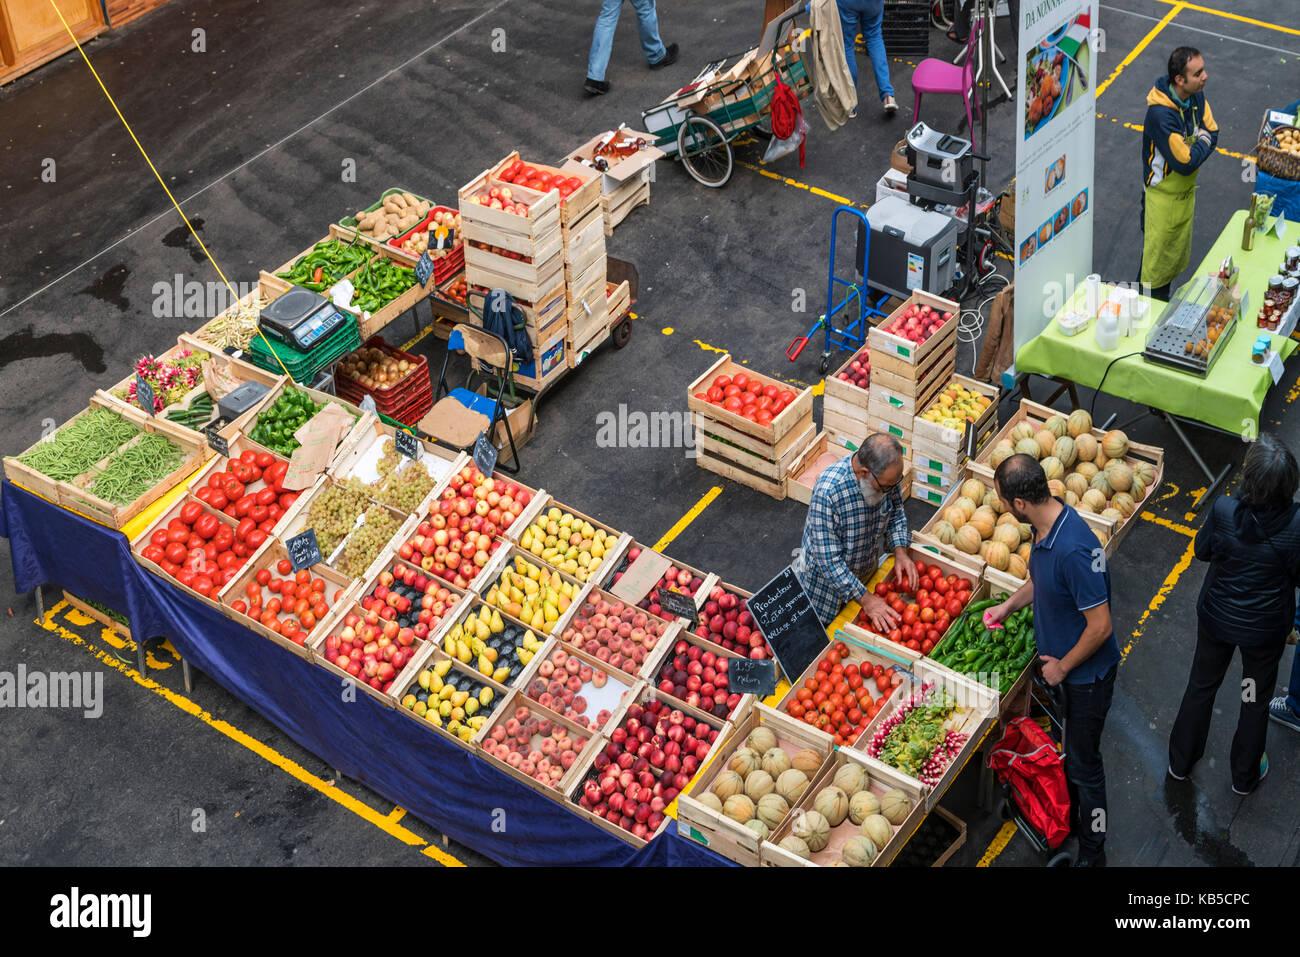 fruits and vegetables, Marche de Capucins, Bordeaux, France - Stock Image